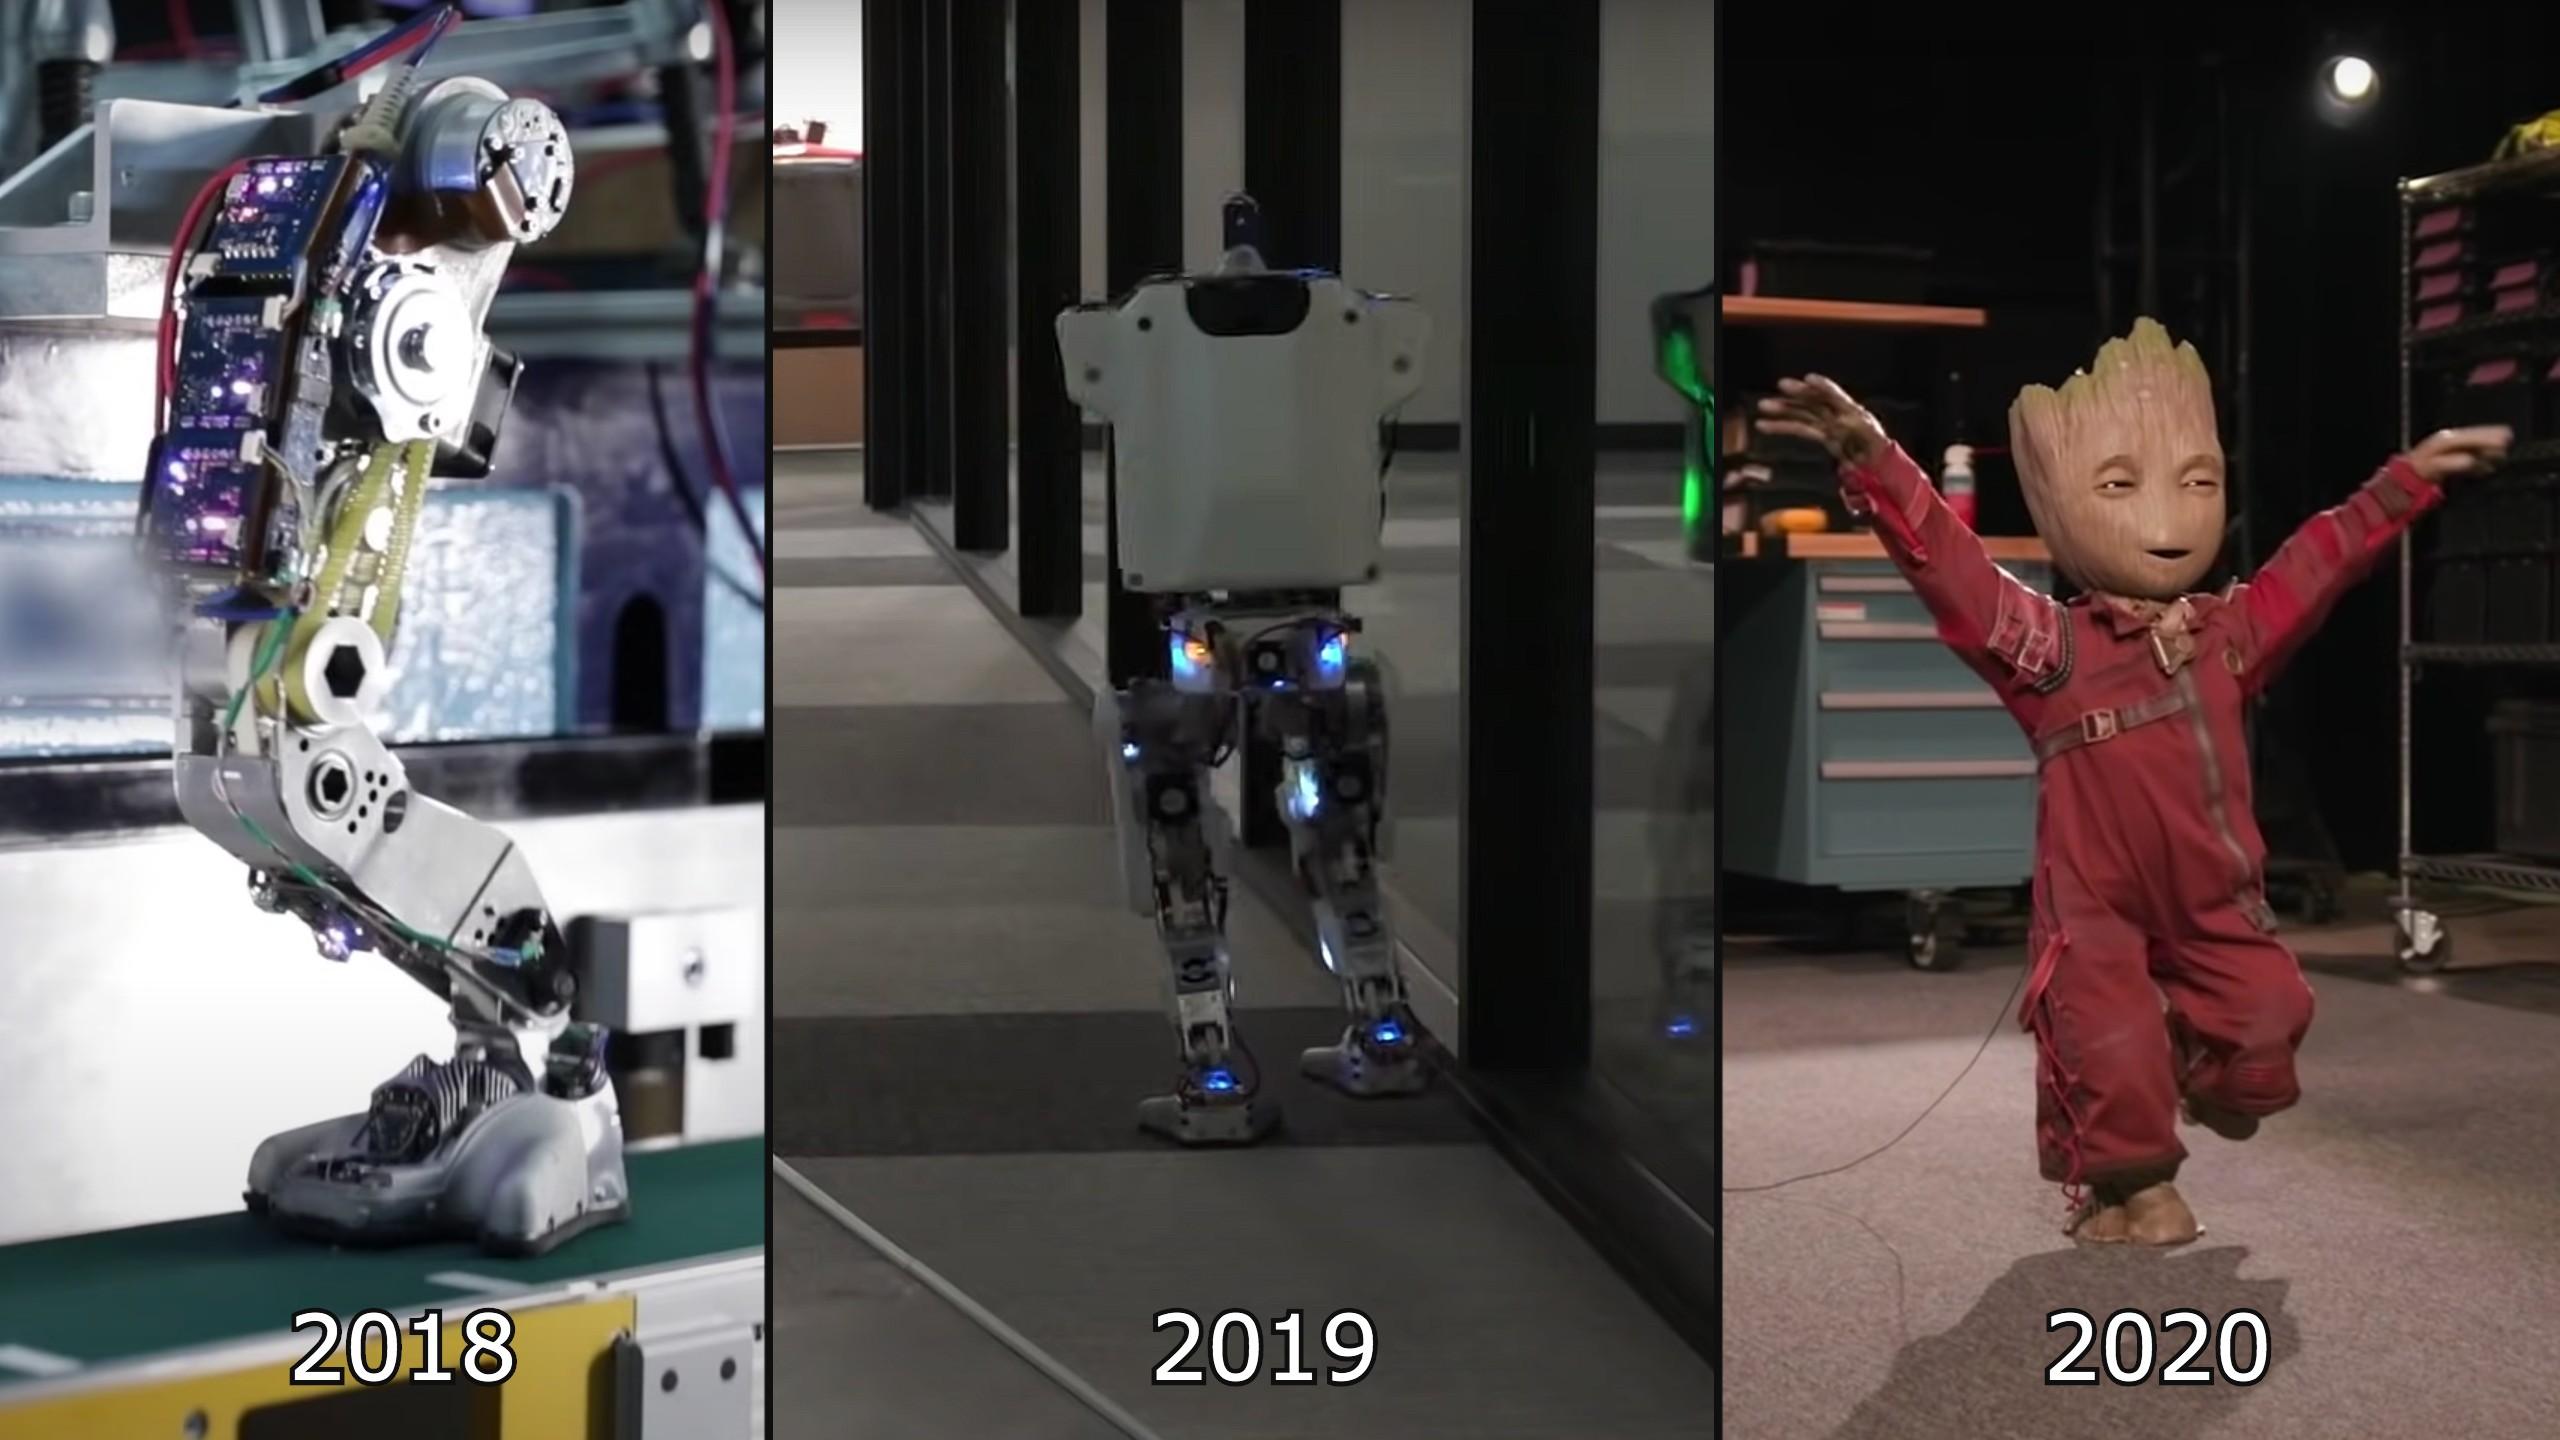 Disney Imagineers build dancing robotic baby Groot